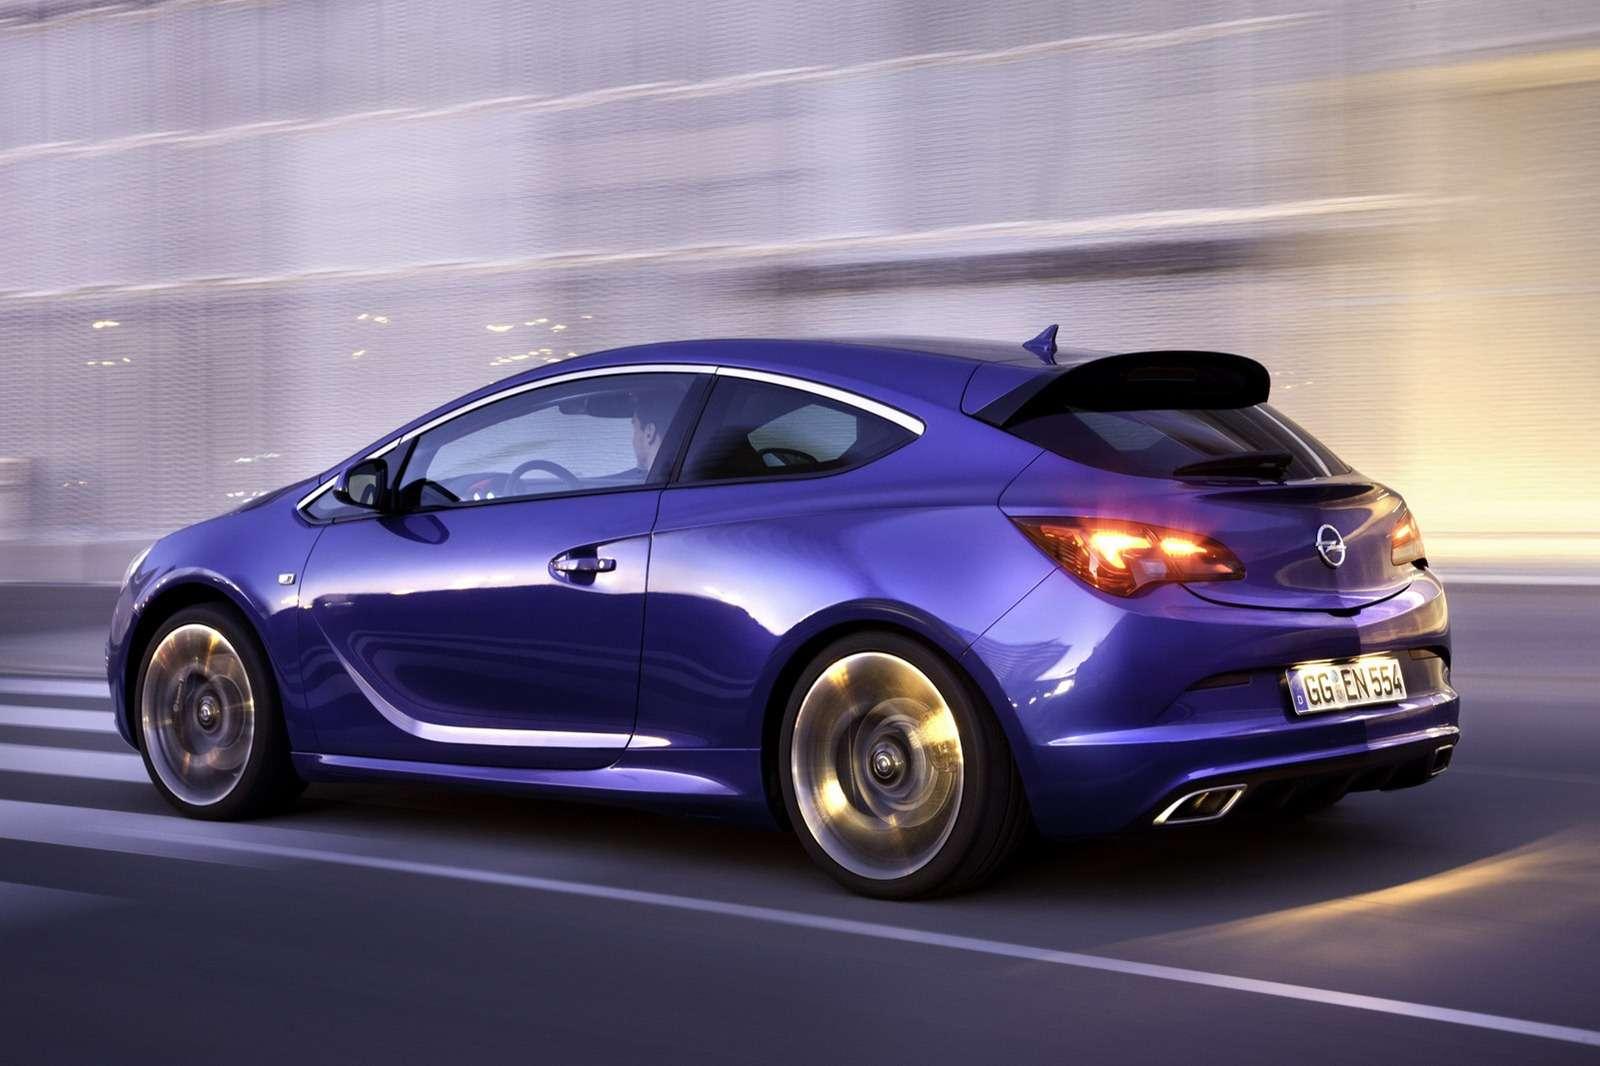 Opel Astra OPC Hot Hatch 280 KM luty 2012